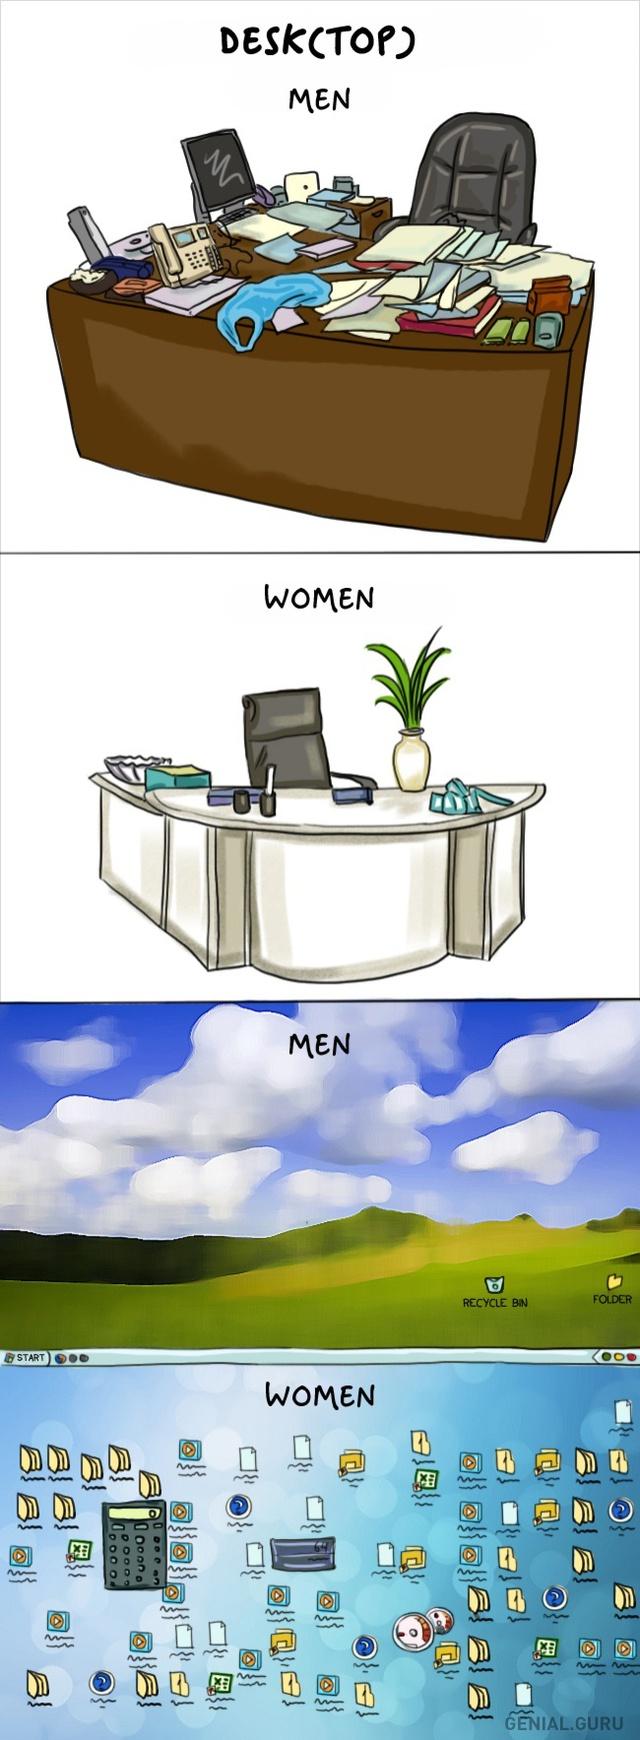 Sự khác biệt trên bàn làm việc của nam giới và phụ nữ.